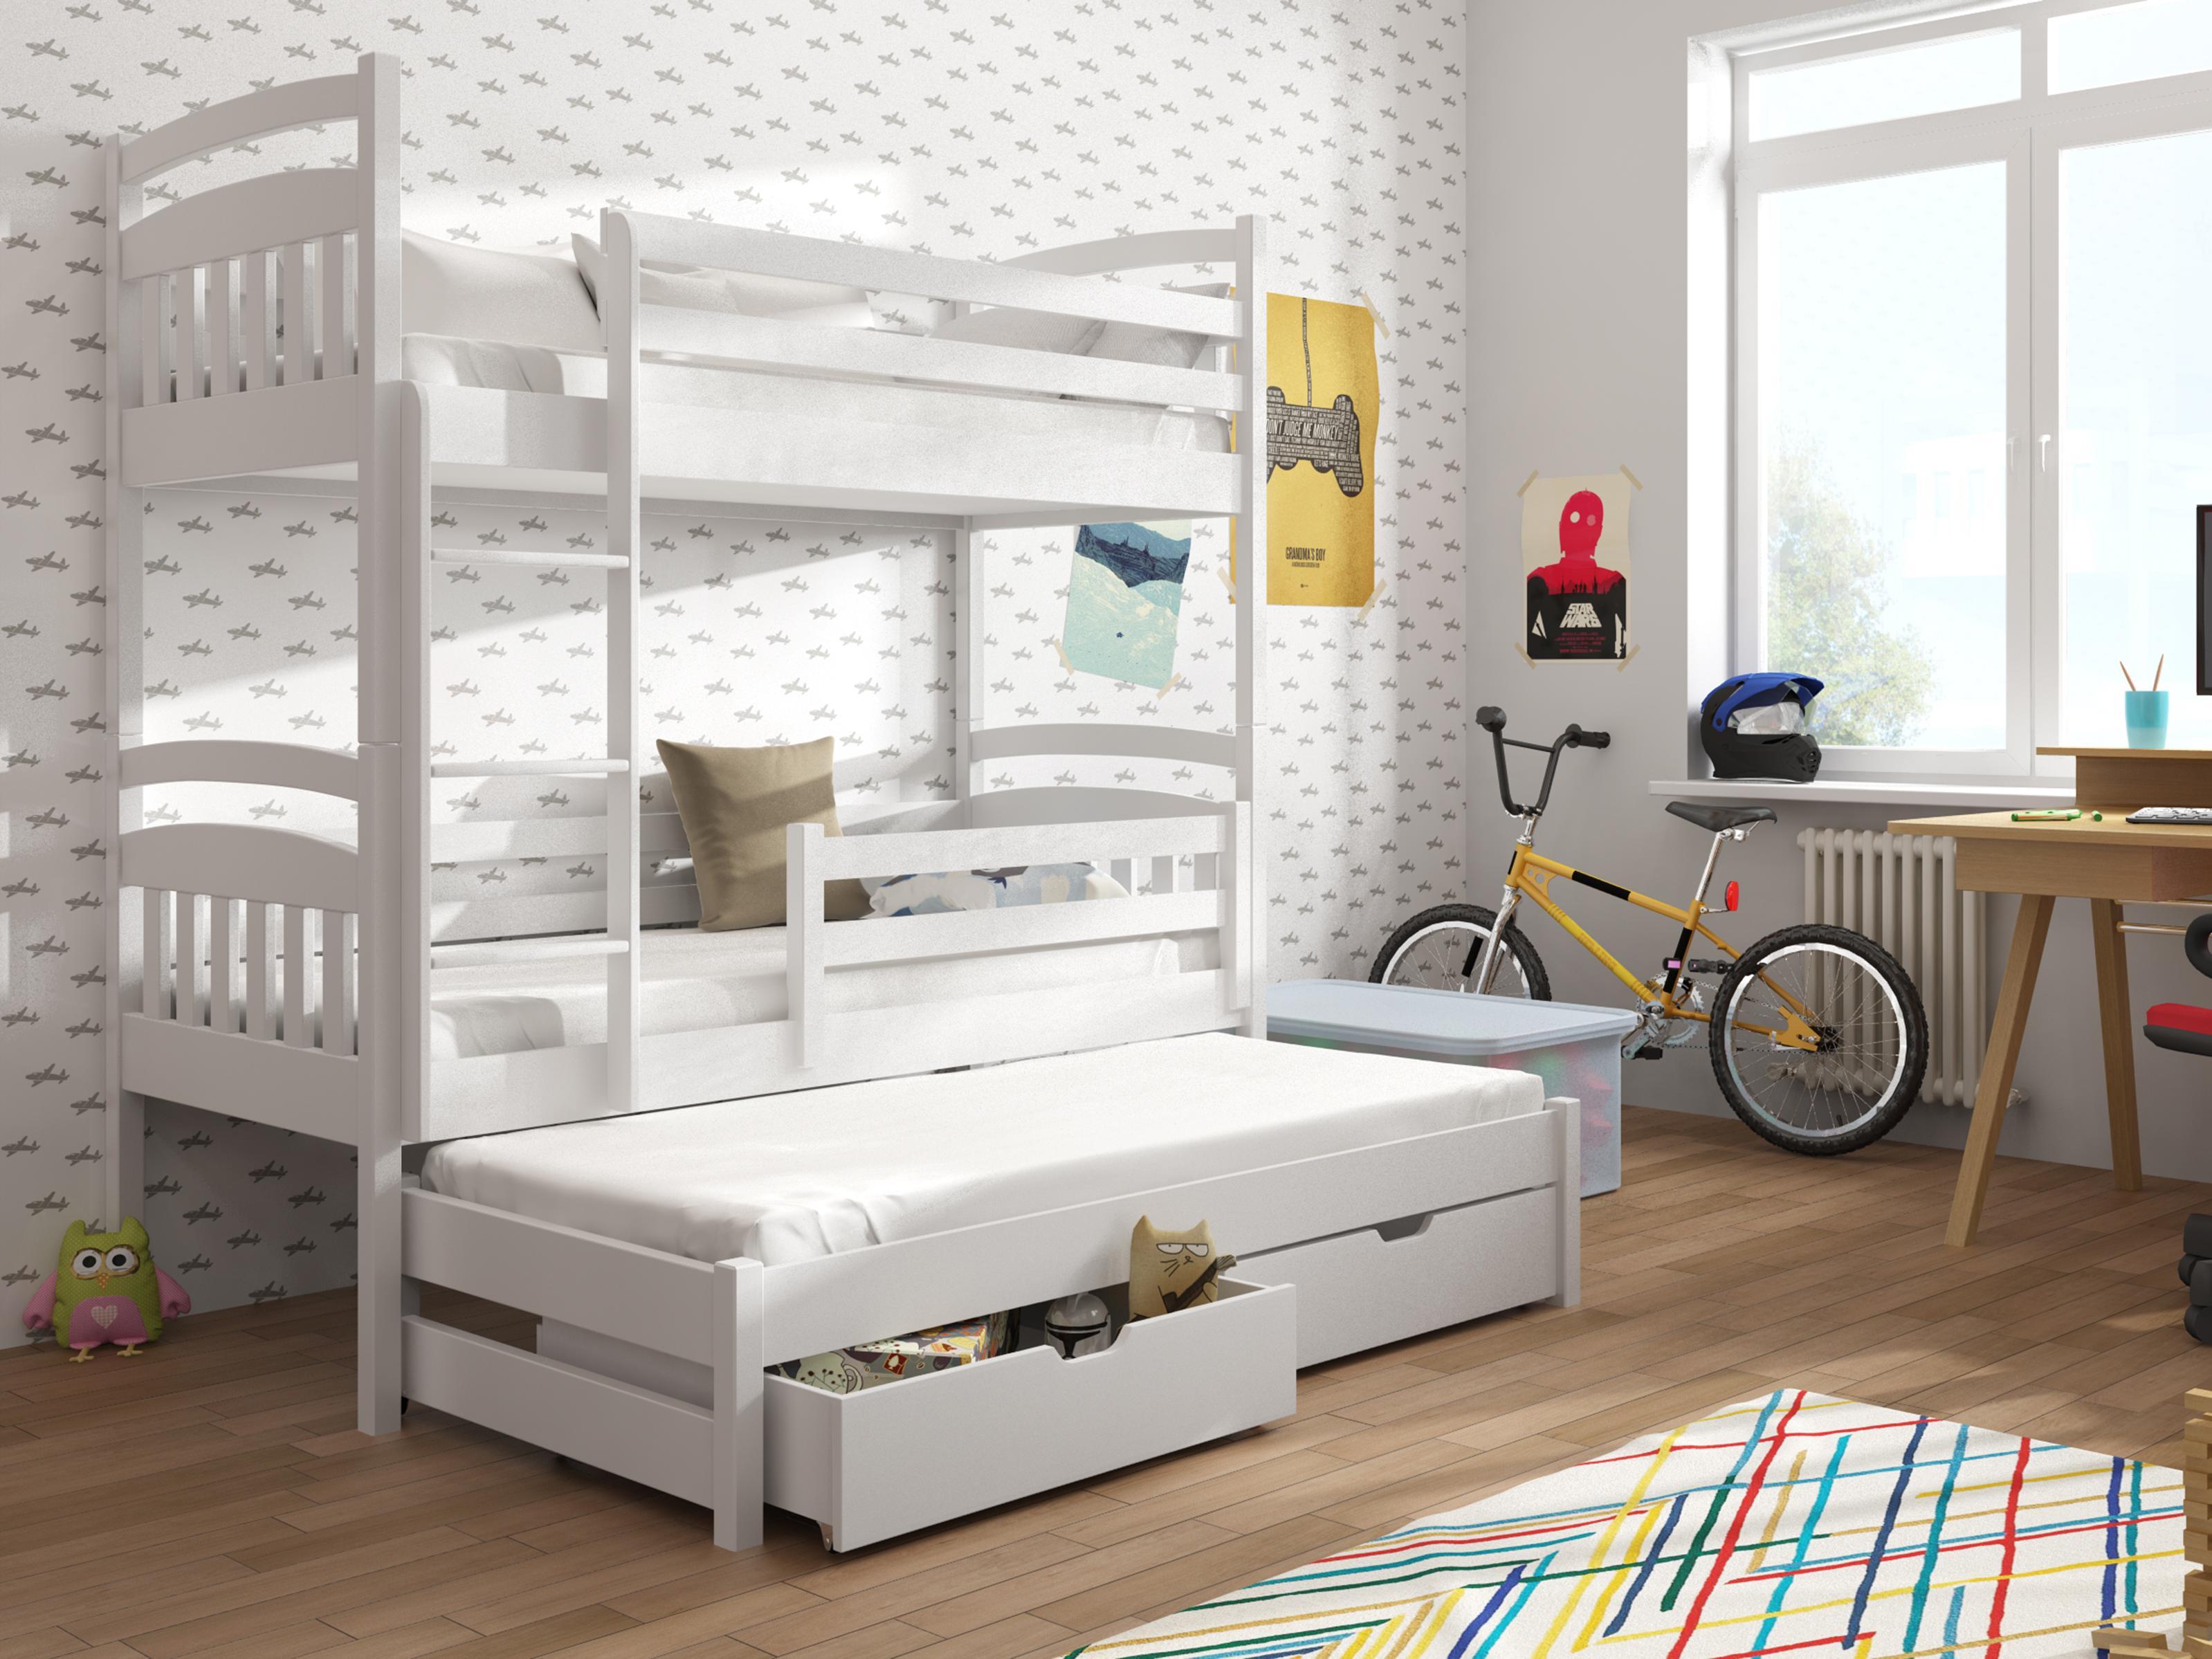 14a0691d9d50 Detská poschodová posteľ 90 cm Anie (biela)